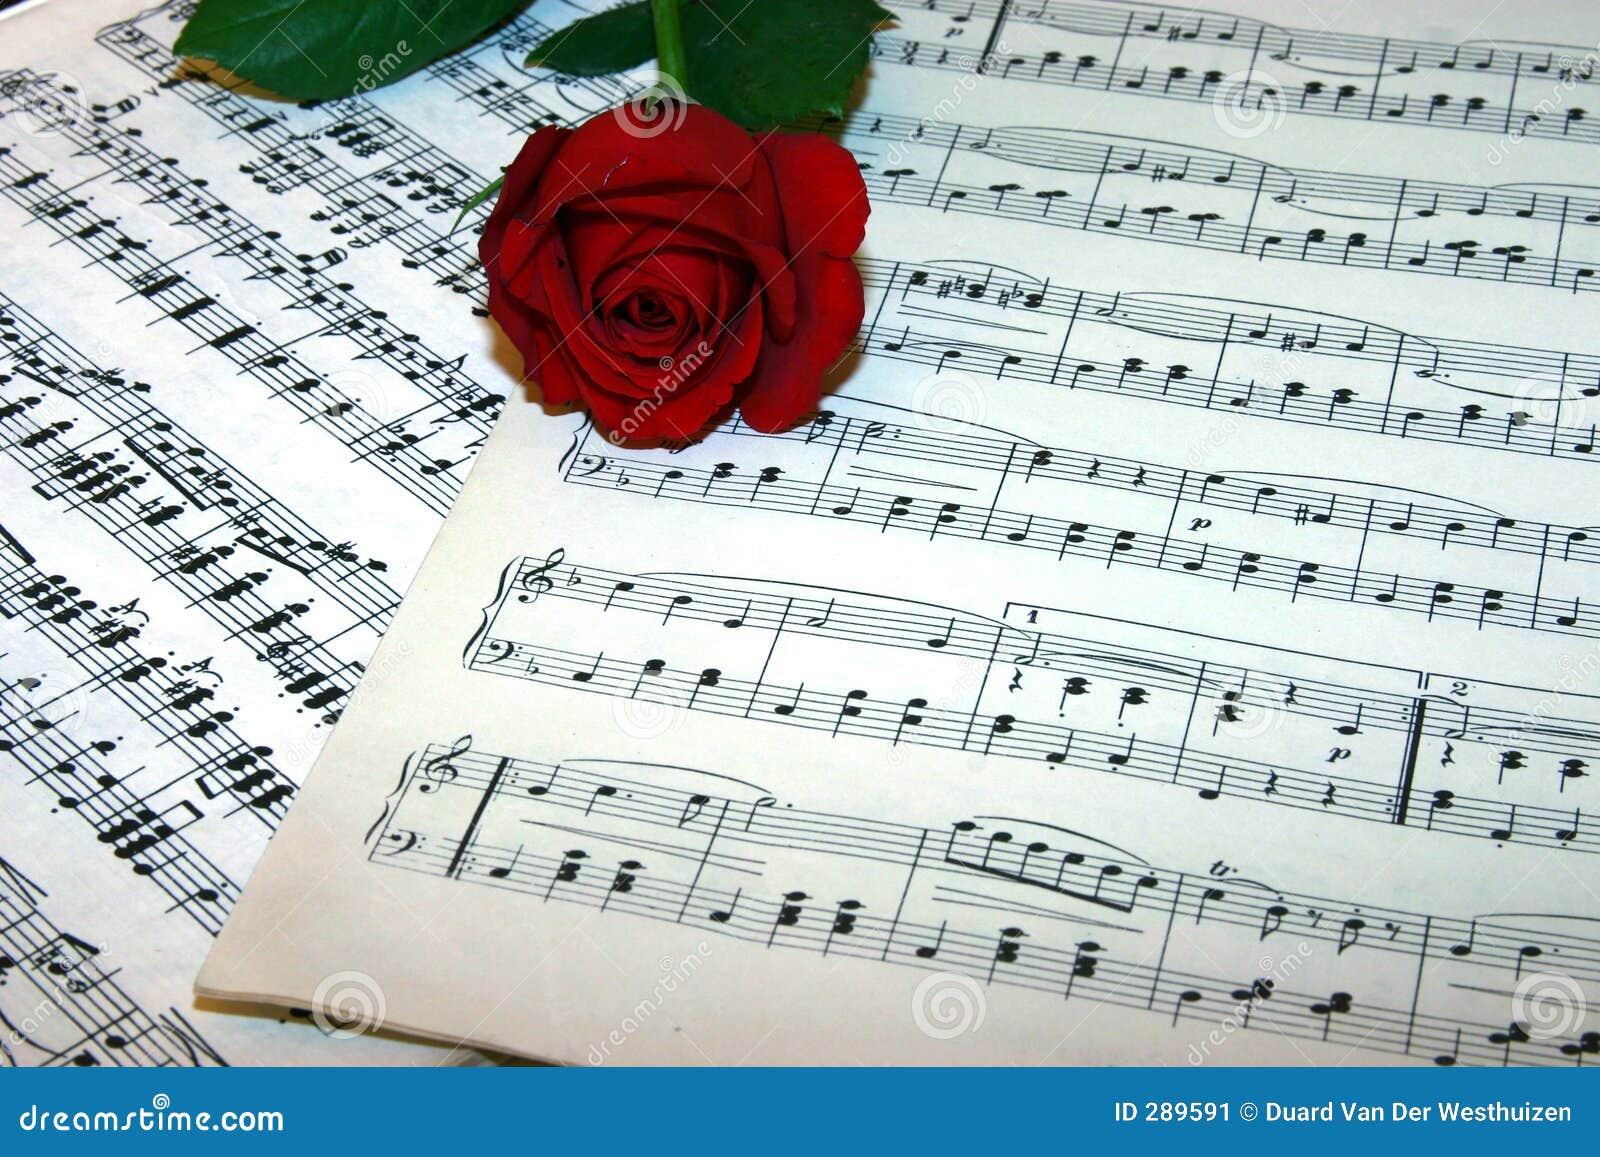 Liefde van muziek